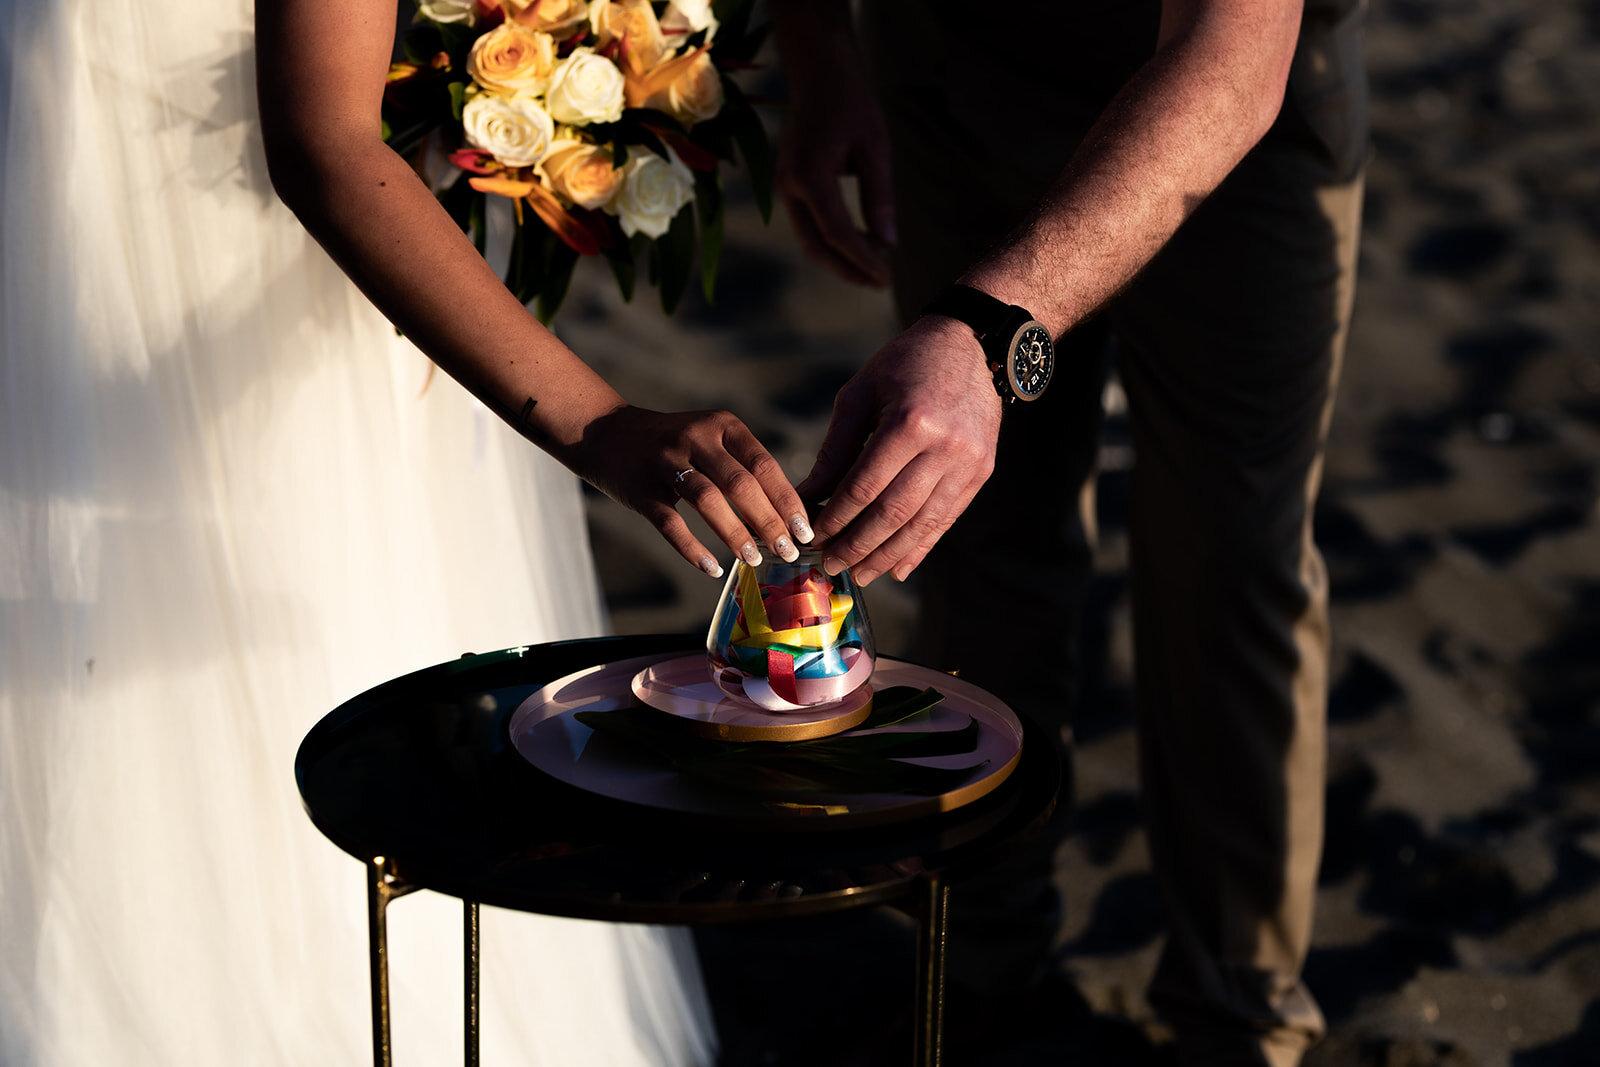 Organisation renouvellement des voeux A et S _ MRevenement wedding planner à la Réunion (26).jpg